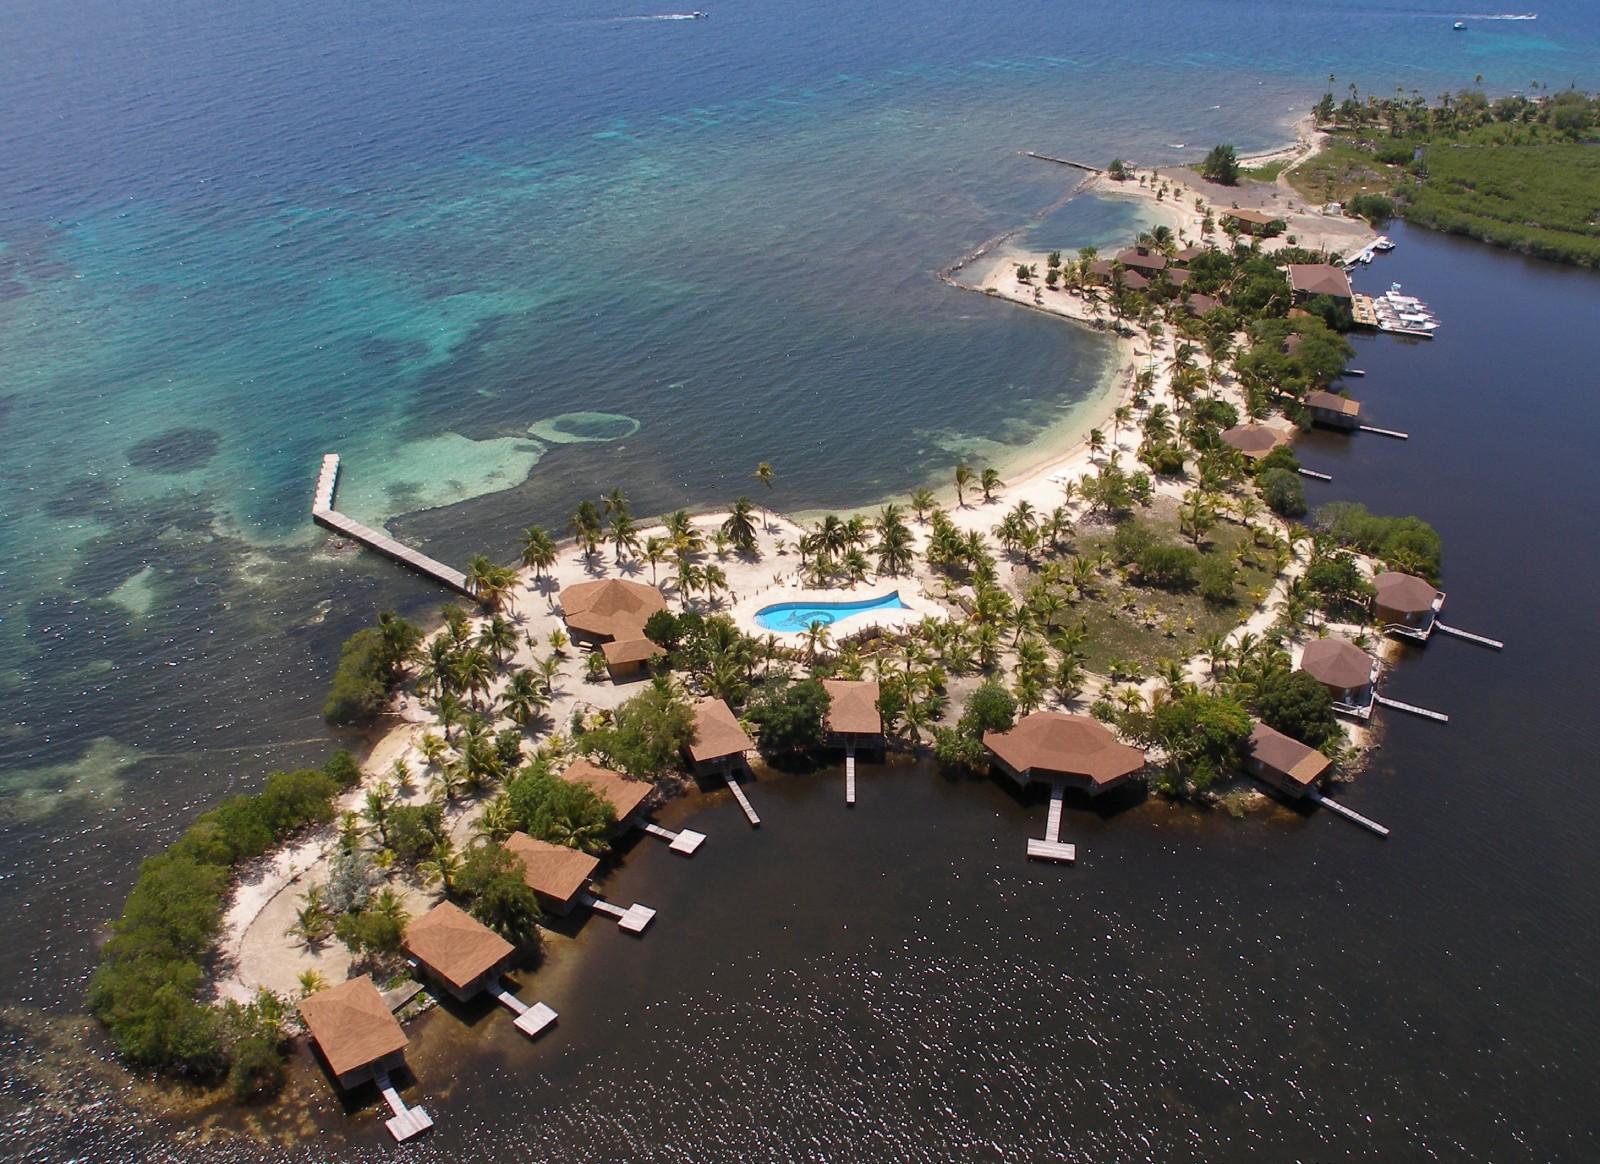 Noleggio Barche Laguna Cay - Navalia | Noleggia un Sogno